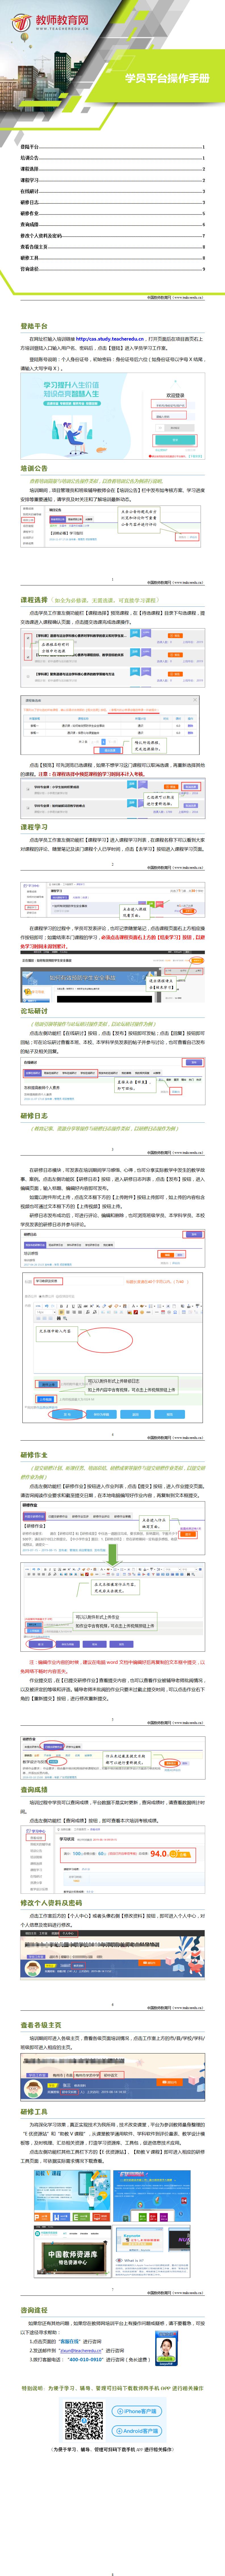 【电脑端】平台操作手册2019.8.14.png